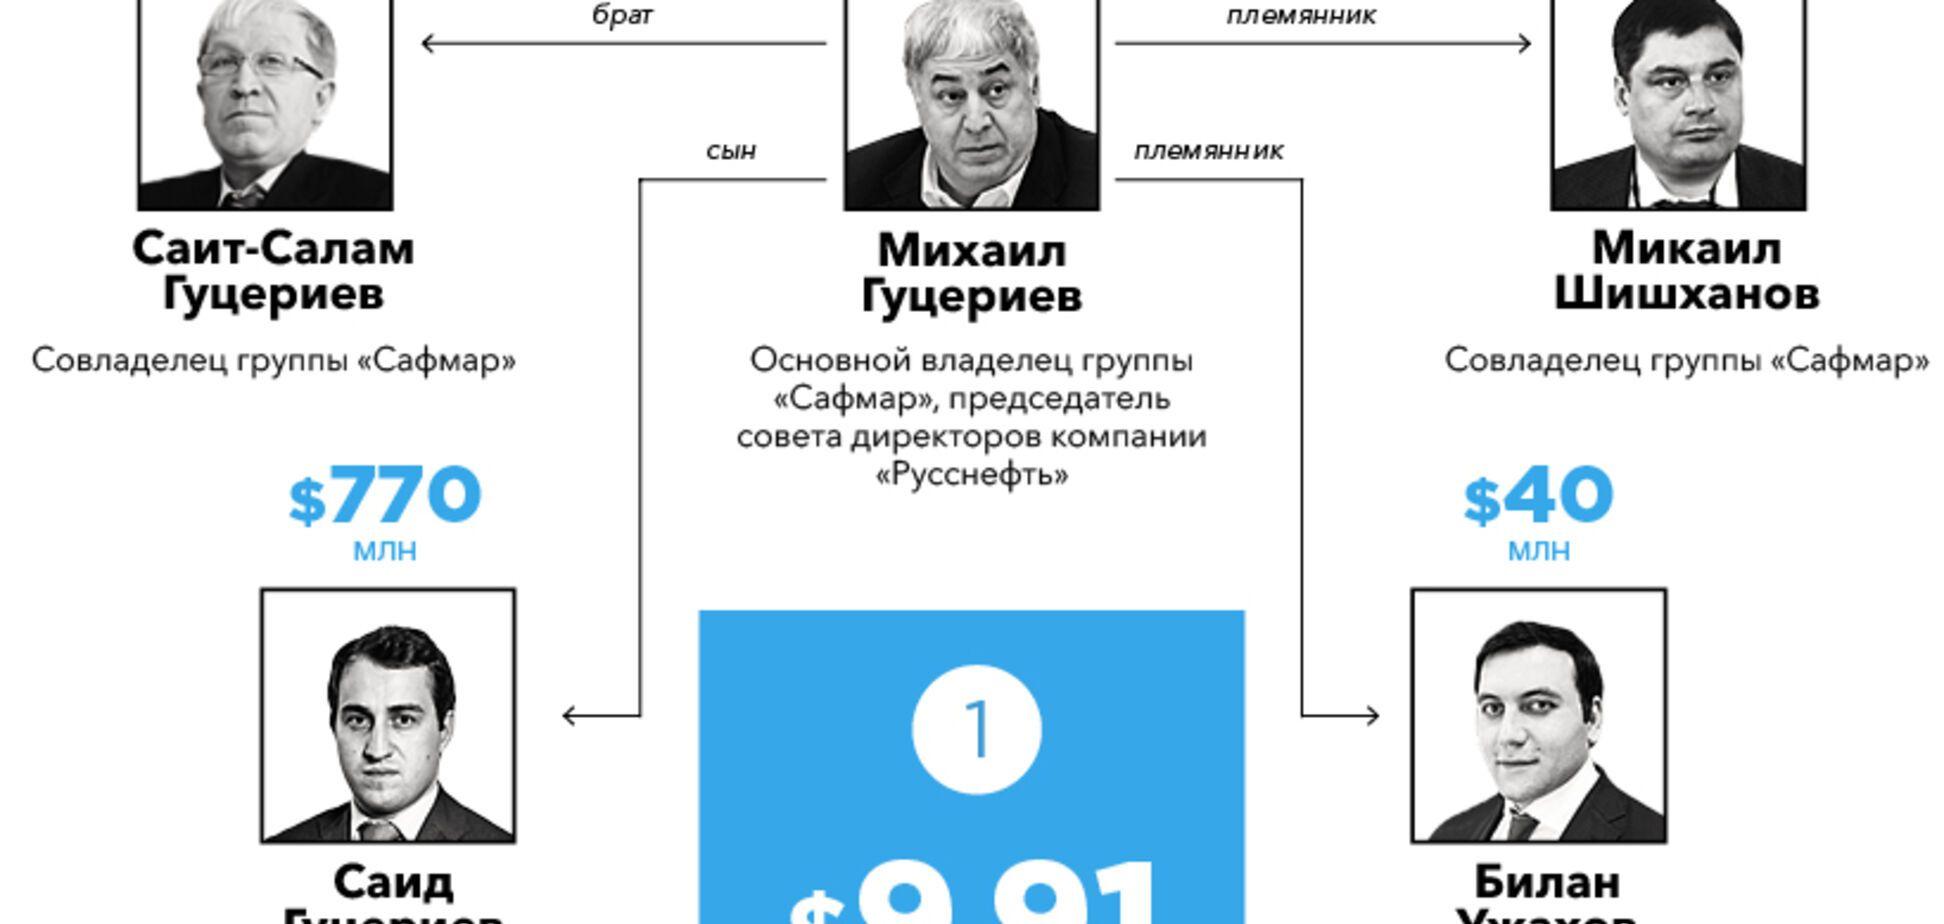 Зятя Путина не обделили: Forbes назвал богатейшие кланы России